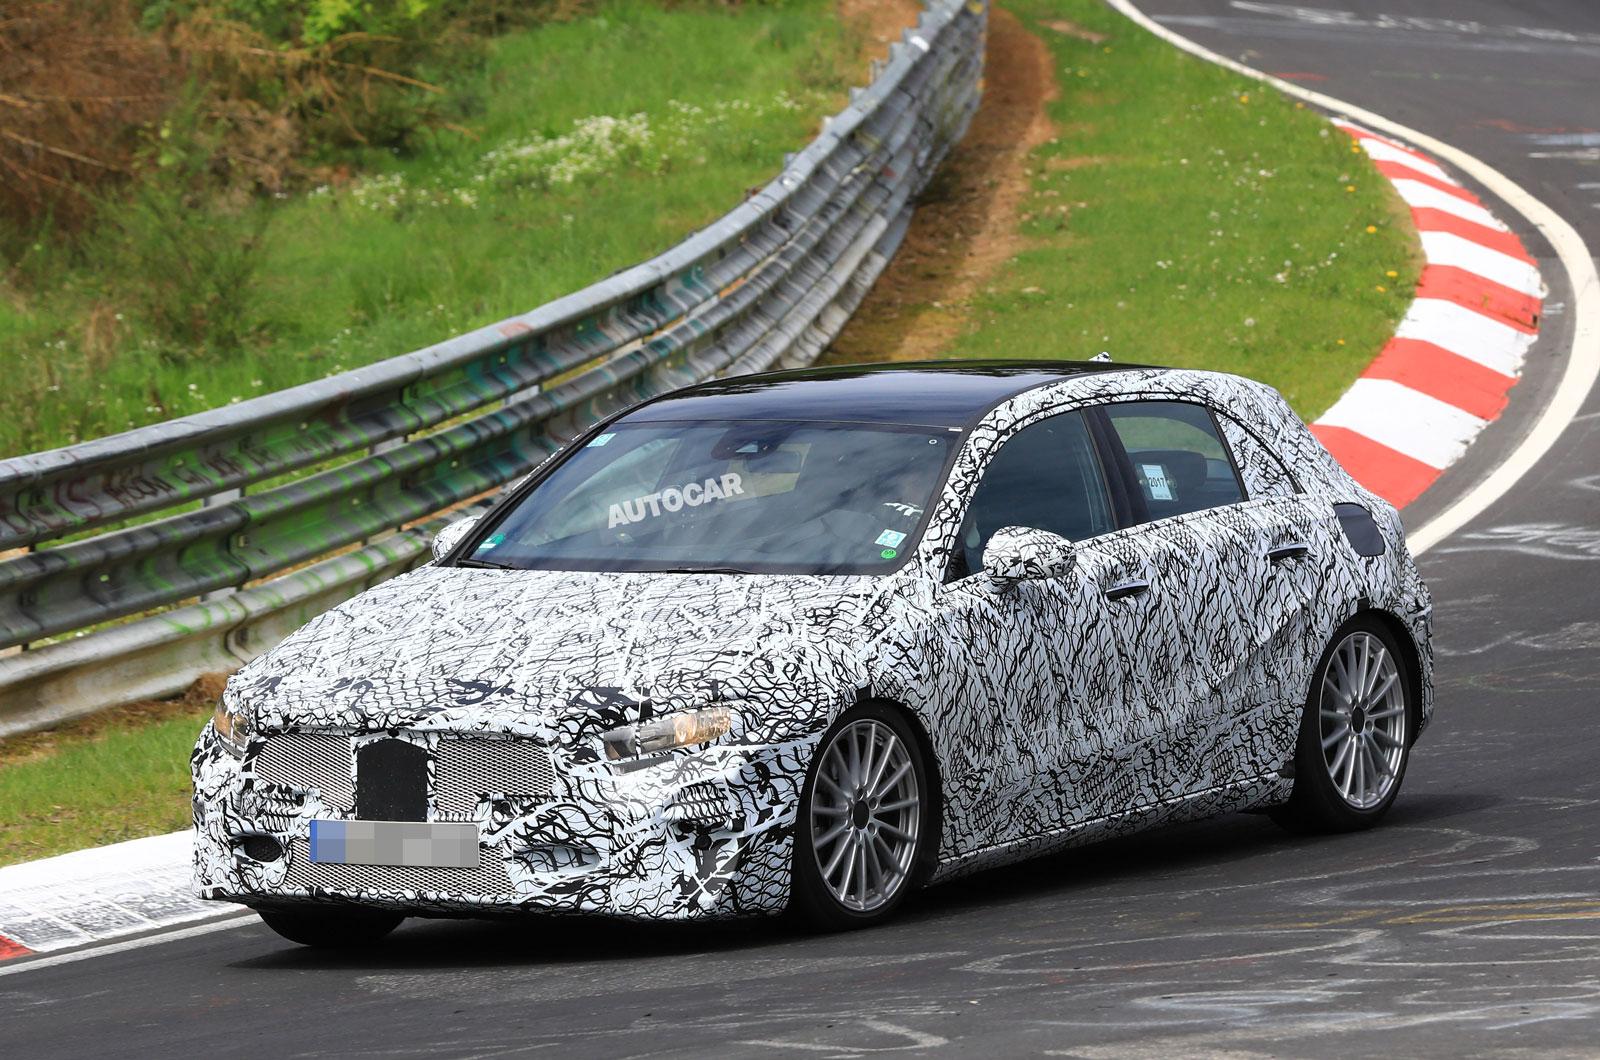 Следующий Mercedes A-Class, чтобы получить S-класса автономных технологий и острее выглядит